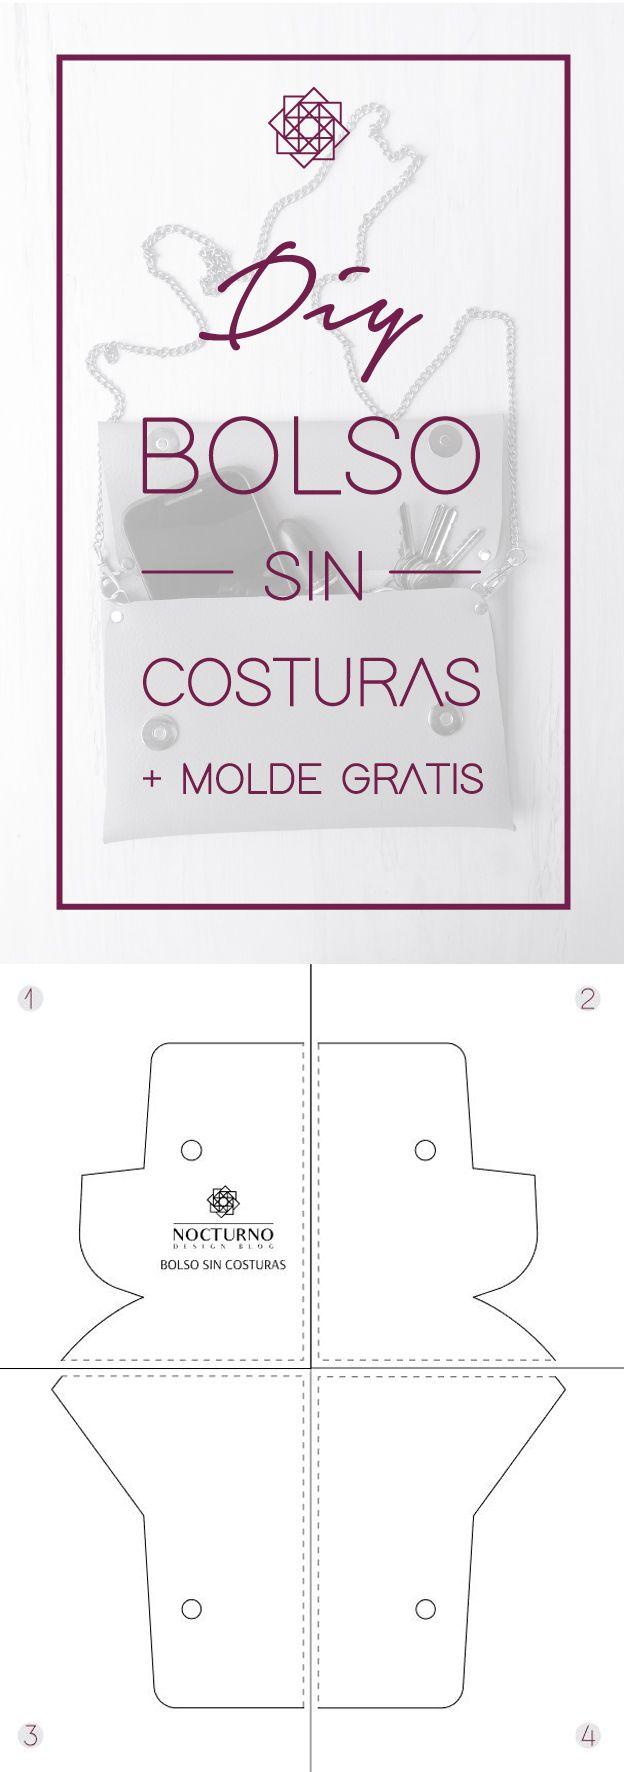 DIY: Bolso sin costuras + molde gratis.